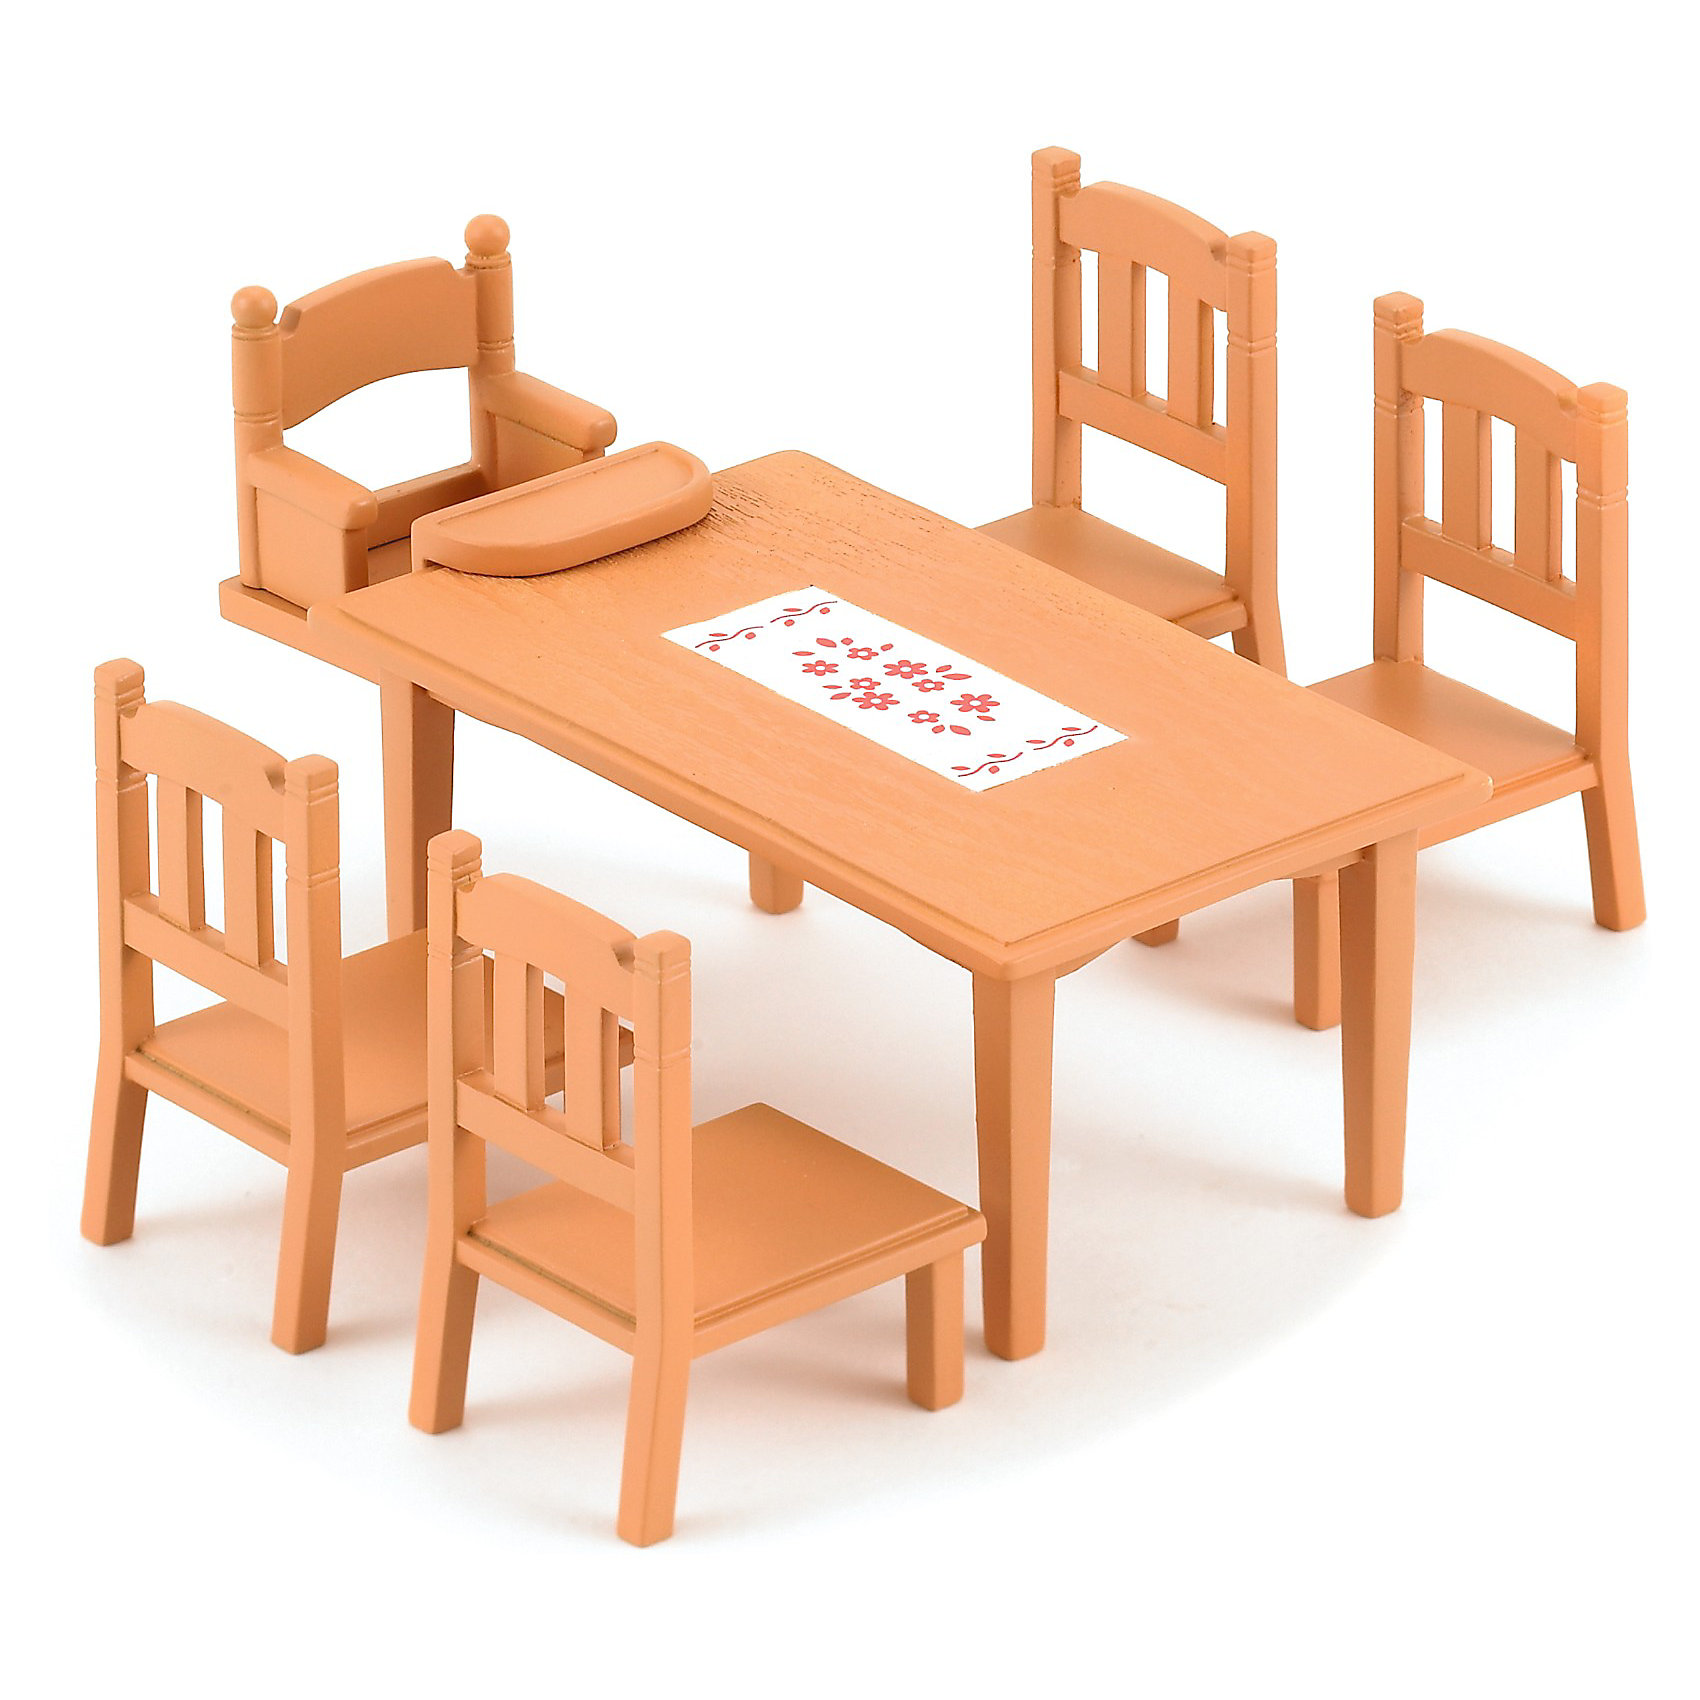 Набор Обеденный стол с 5 стульями Sylvanian FamiliesSylvanian Families<br>Обеденный стол и стулья от Sylvanian Families. <br><br>Sylvanian Families – это удивительный мир, в котором сказочные животные живут настоящими семьями. В этом мире существуют не только взрослые персонажи, но и детишки разного возраста, а также бабушки и дедушки. Их мир наполнен гармонией и заботой друг о друге. <br><br>Семьи Сильвании любят собираться за большим обеденным столом. За ним помещается вся семья - есть даже специальный стул для малыша, который крепится к столу. Стол выполнен из светло-коричневого дерева, на поверхности есть рисунок в виде красных цветов на белом фоне. Такой набор дополнит любой дом в Сильвании.<br><br>Дополнительная информация:<br><br>В комплекте:<br>- стол (11 х 5 х 6,5 см);<br>- 4 стула (3,5 х 6,5 х 3,5 см);<br>- маленький стул (3,5 х 3,5 х 3,5 см).<br><br>Размер коробки: 13 х 5 х 10 см.<br>Материал: пластмасса.<br><br>Этот набор обязательно порадует Вашего ребёнка, ведь теперь он сможет разыгрывать сценки из собственной жизни! Набор также способствует развитию фантазии и навыков общения.<br><br>Ширина мм: 123<br>Глубина мм: 126<br>Высота мм: 53<br>Вес г: 104<br>Возраст от месяцев: 36<br>Возраст до месяцев: 72<br>Пол: Женский<br>Возраст: Детский<br>SKU: 2328097